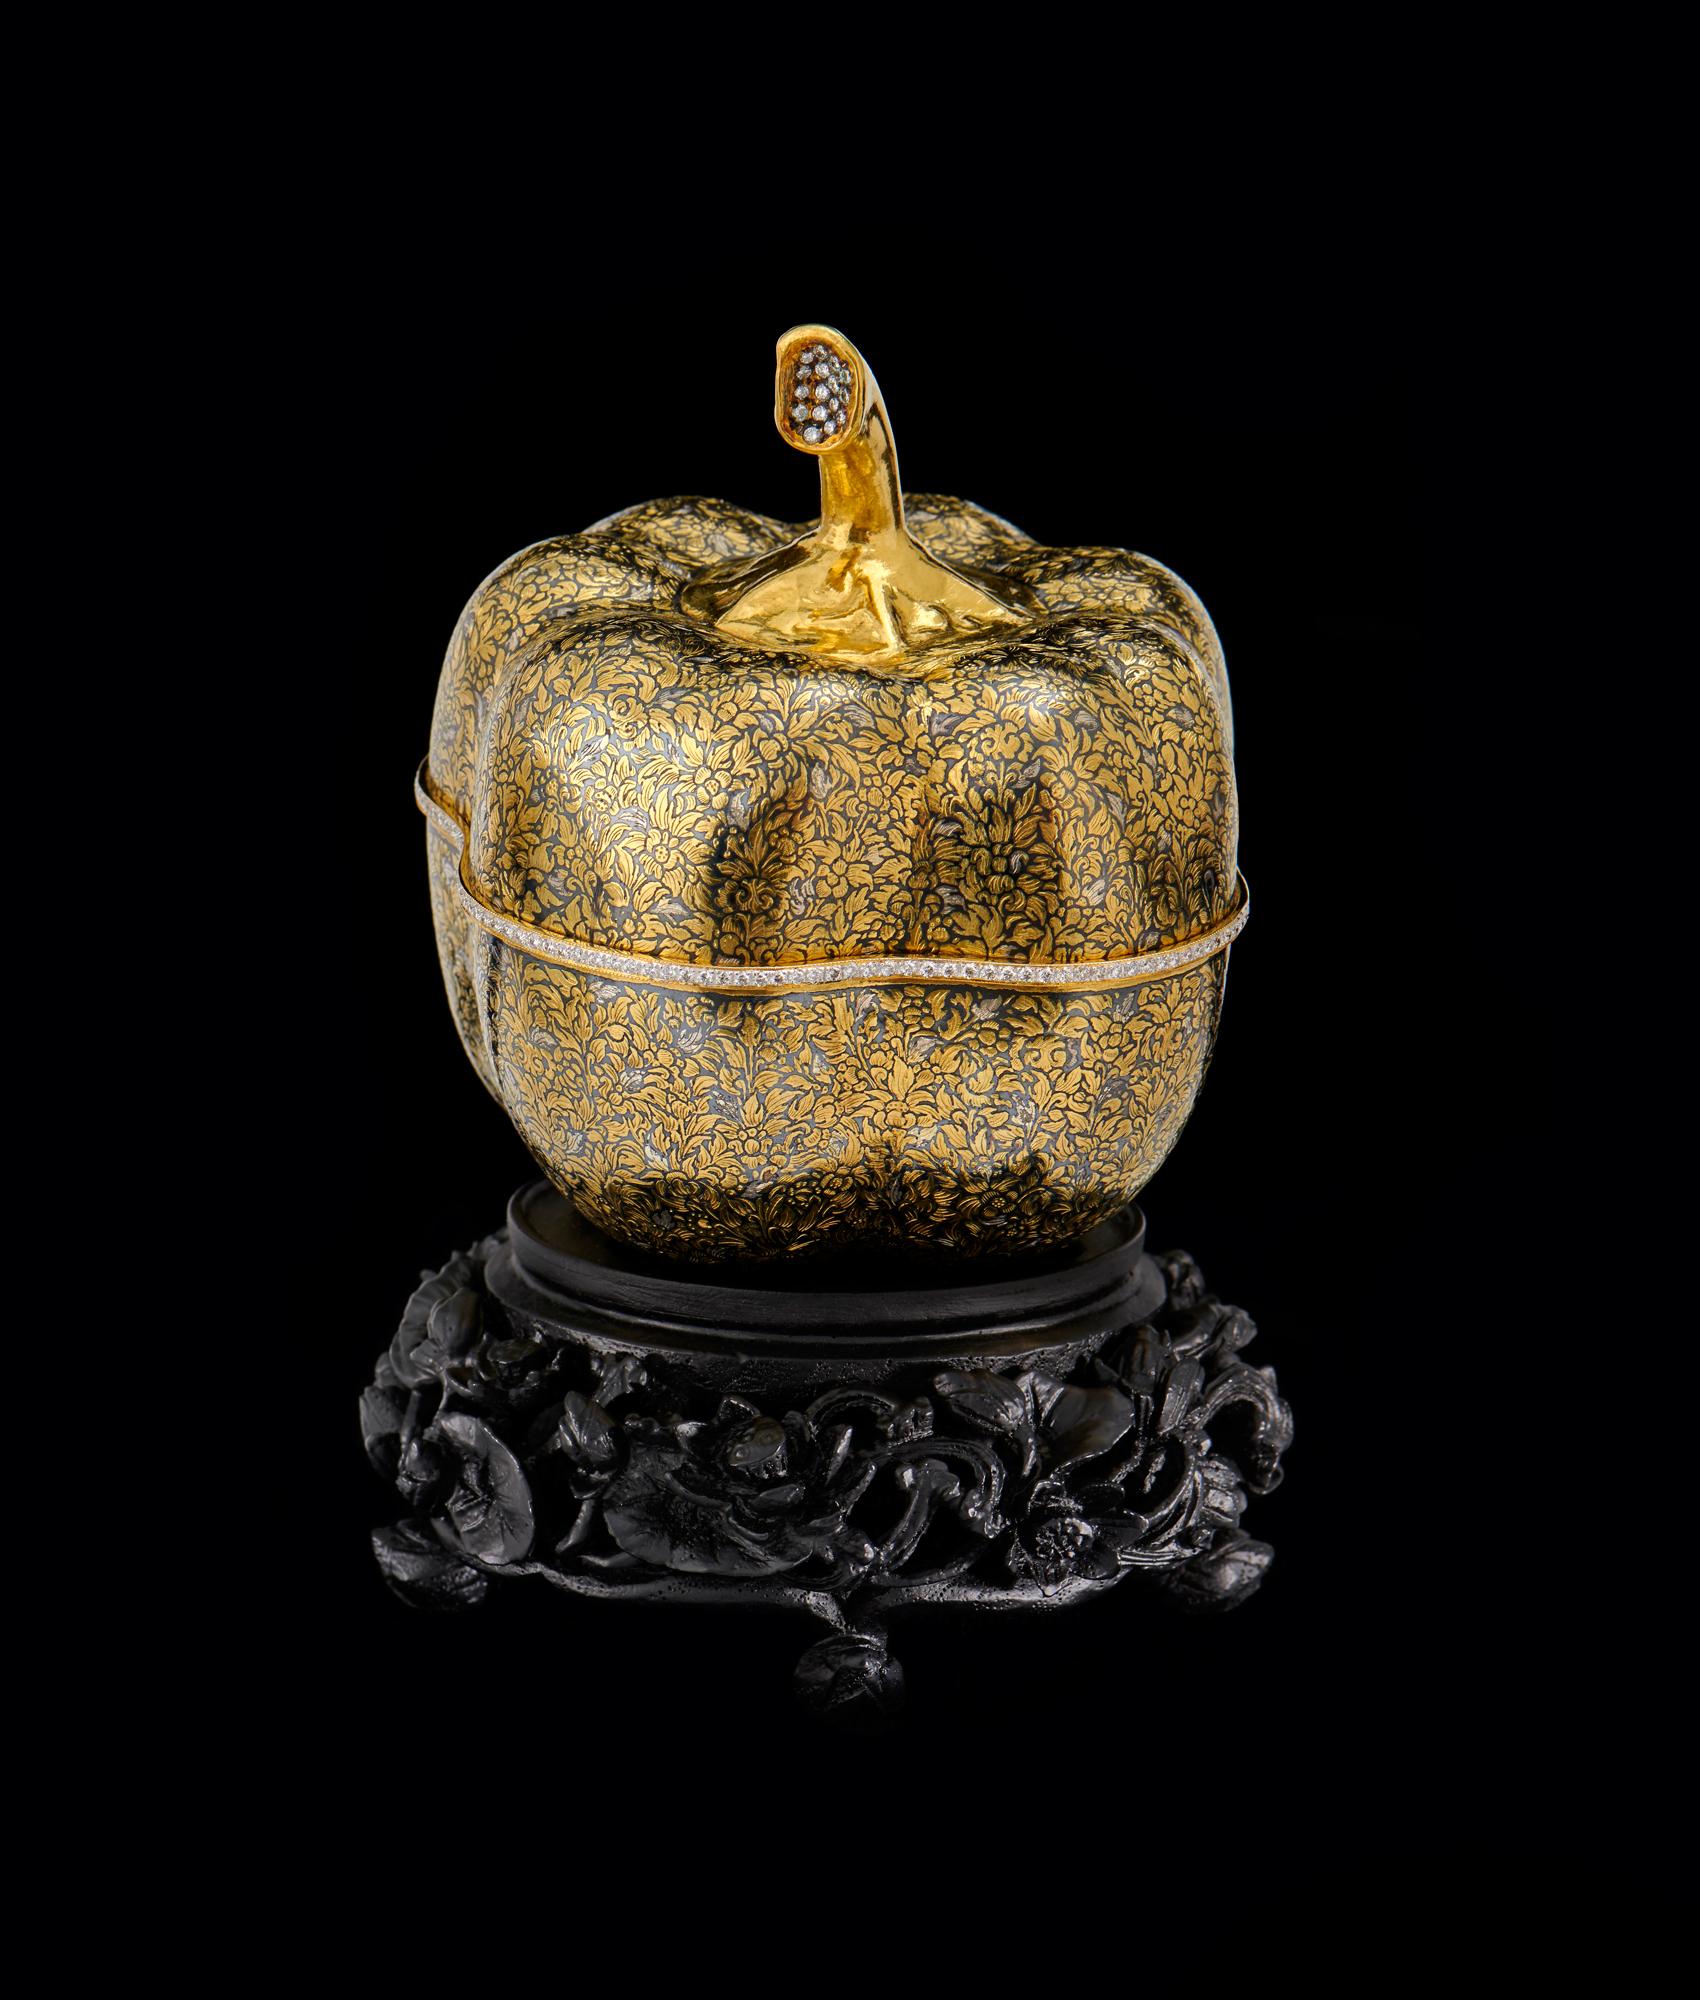 Gold Niello Container Embellished with Diamonds Gift from Queen Sirikit to First Lady Laura Bush, 2003 13 x 9.3 cm Courtesy of the George W. Bush Presidential Library and Museum; FO.333268.1.a-c  ตลับพริกหวานถมตะทองประดับเพชร พร้อมกี๋ไม้แกะสลักฉลุโปร่งลายบัว ของขวัญพระราชทานจากสมเด็จพระนางเจ้าสิริกิติ์ พระบรมราชินีนาถ แก่นางลอรา บุช สุภาพสตรีหมายเลขหนึ่ง พ.ศ. ๒๕๔๖ ๑๓ x ๙.๓ ซม. ได้รับความอนุเคราะห์จากพิพิธภัณฑ์และหอสมุดประธานาธิบดีจอร์จ ดับเบิลยู. บุช; FO.333268.1.a-c